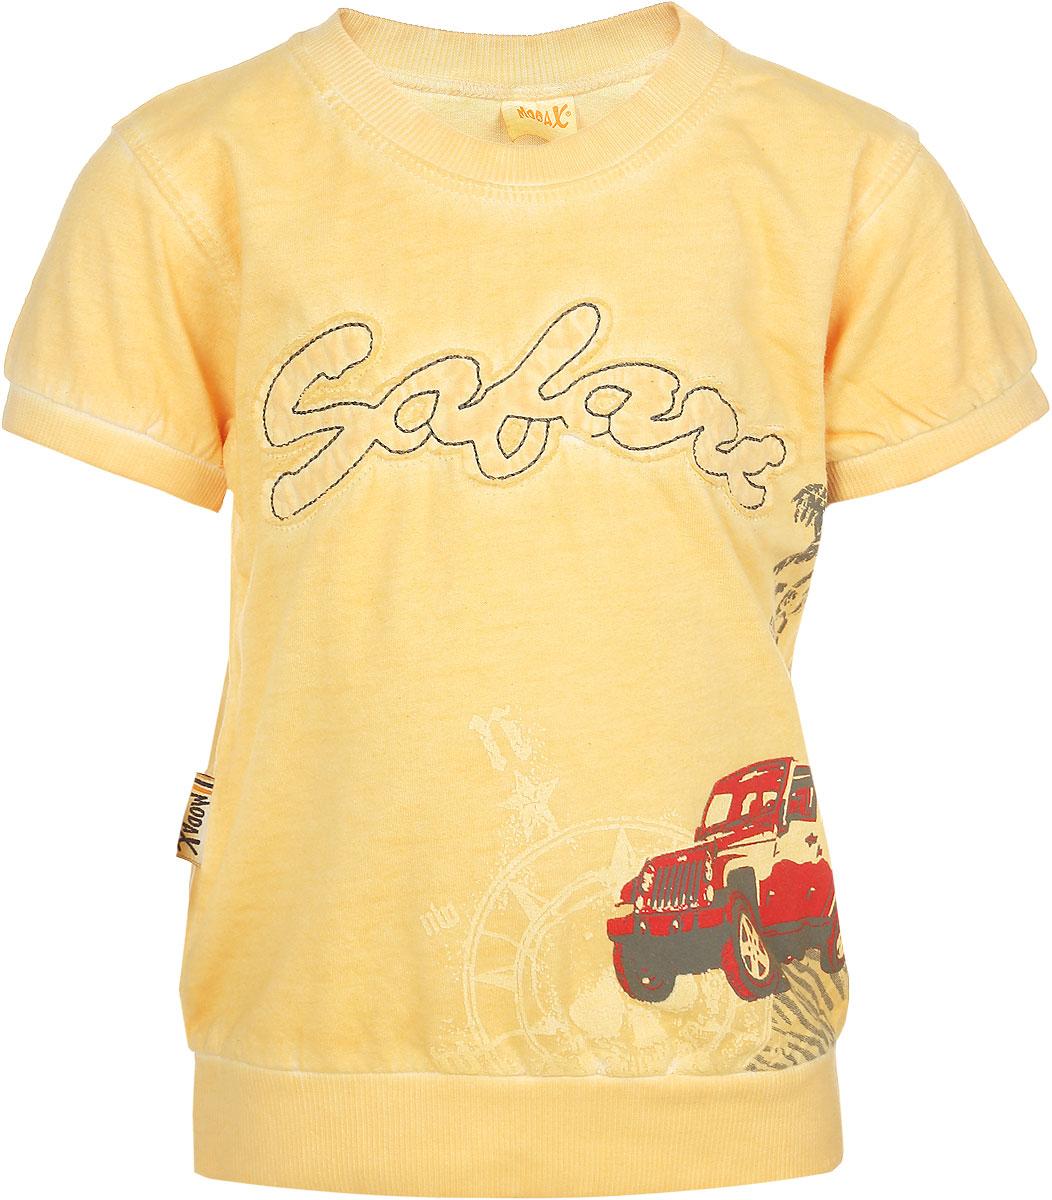 Футболка3055-10Яркая футболка для мальчика Modax станет стильным дополнением к гардеробу маленького модника. Изготовленная из натурального хлопка, она необычайно мягкая, тактильно приятная, не сковывает движения ребенка и позволяет коже дышать, обеспечивая комфорт. Футболка с короткими рукавами имеет круглый вырез горловины, оформленный трикотажной резинкой. Края рукавов и низ изделия также дополнены трикотажными резинками. Модель украшена крупной нашивкой в виде надписи, а также принтом. Современный дизайн и расцветка делают эту футболку модным предметом детской одежды. В ней ваш ребенок будет чувствовать себя уютно, комфортно и всегда будет в центре внимания!